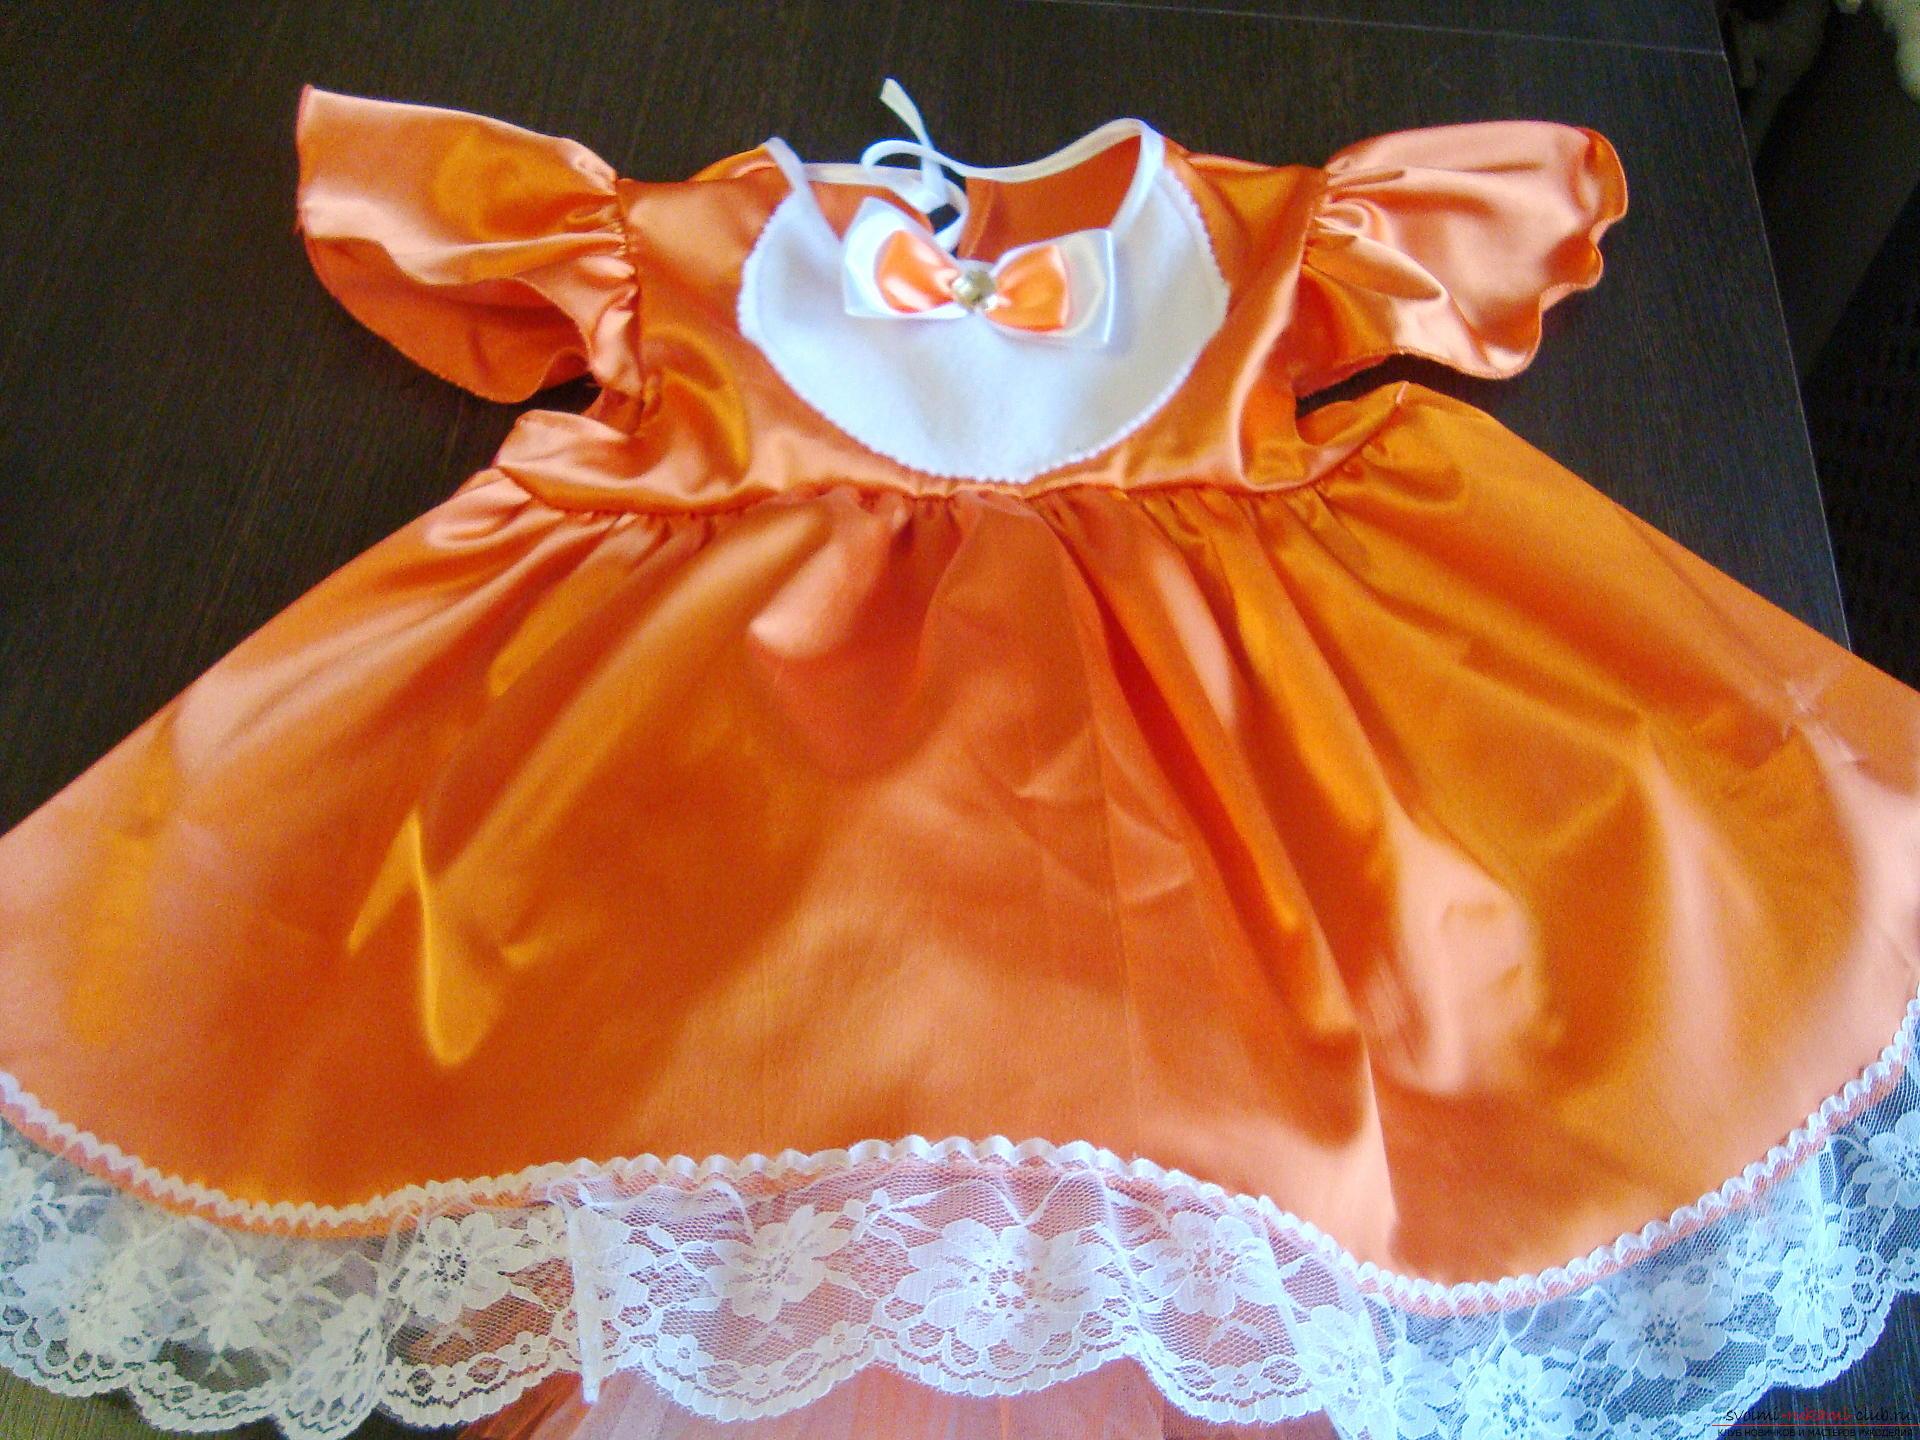 Этот мастер-класс научит как сшить своими руками детский карнавальный костюм лисы для девочки. Фото №5